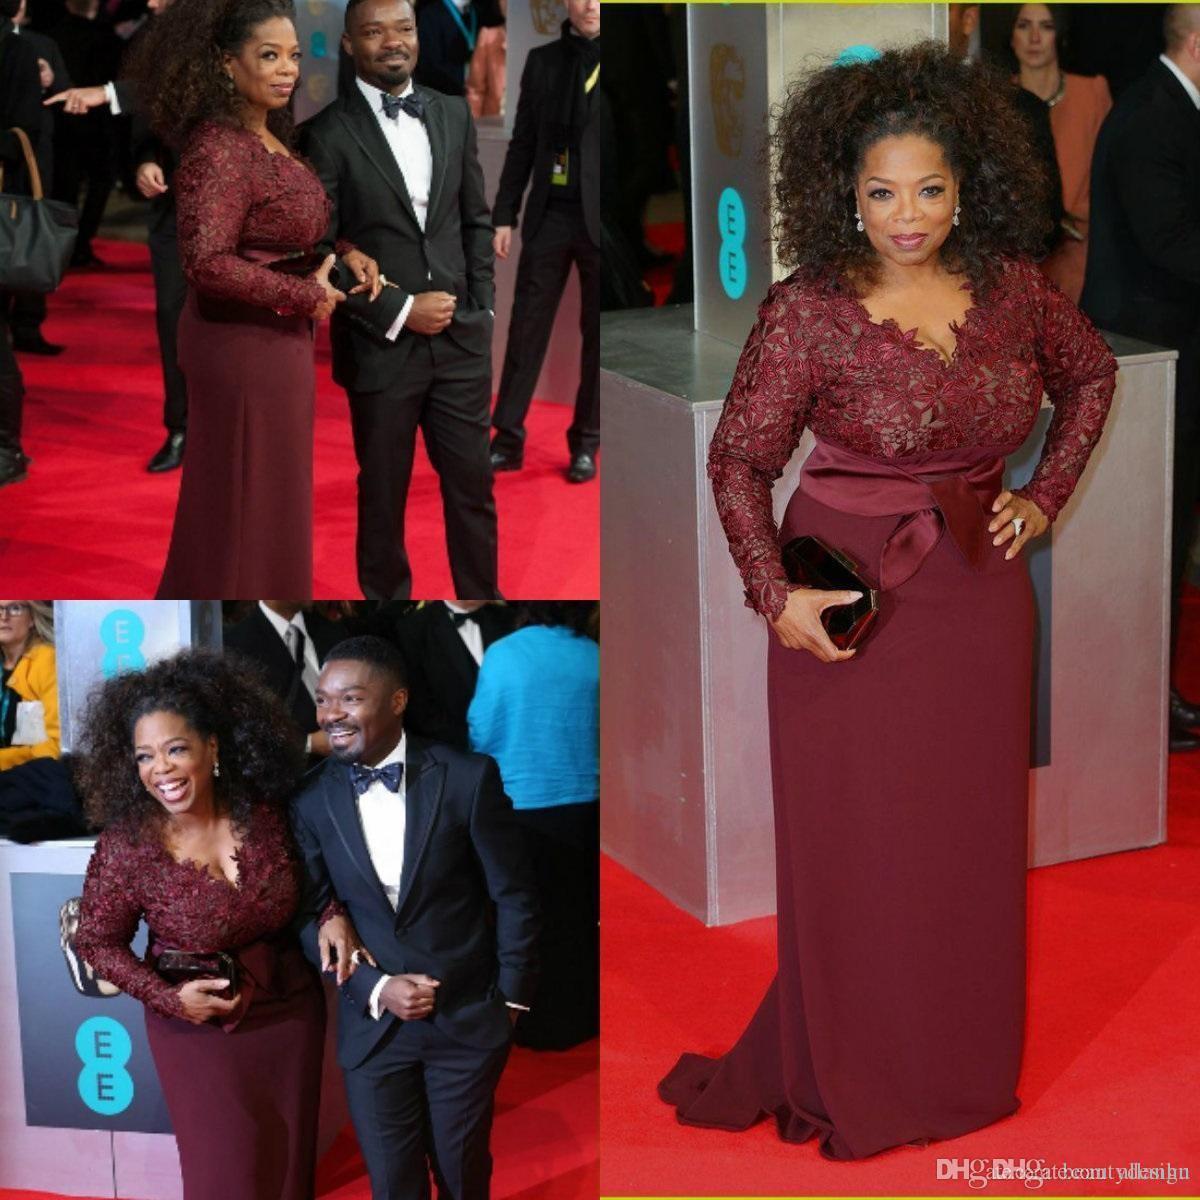 Oprah Winfrey Bordo Gelin Elbiseler Uzun Kollu Seksi V Yaka Sheer Dantel Kılıf Artı Boyutu Ünlü Kırmızı Halı Törenlerinde